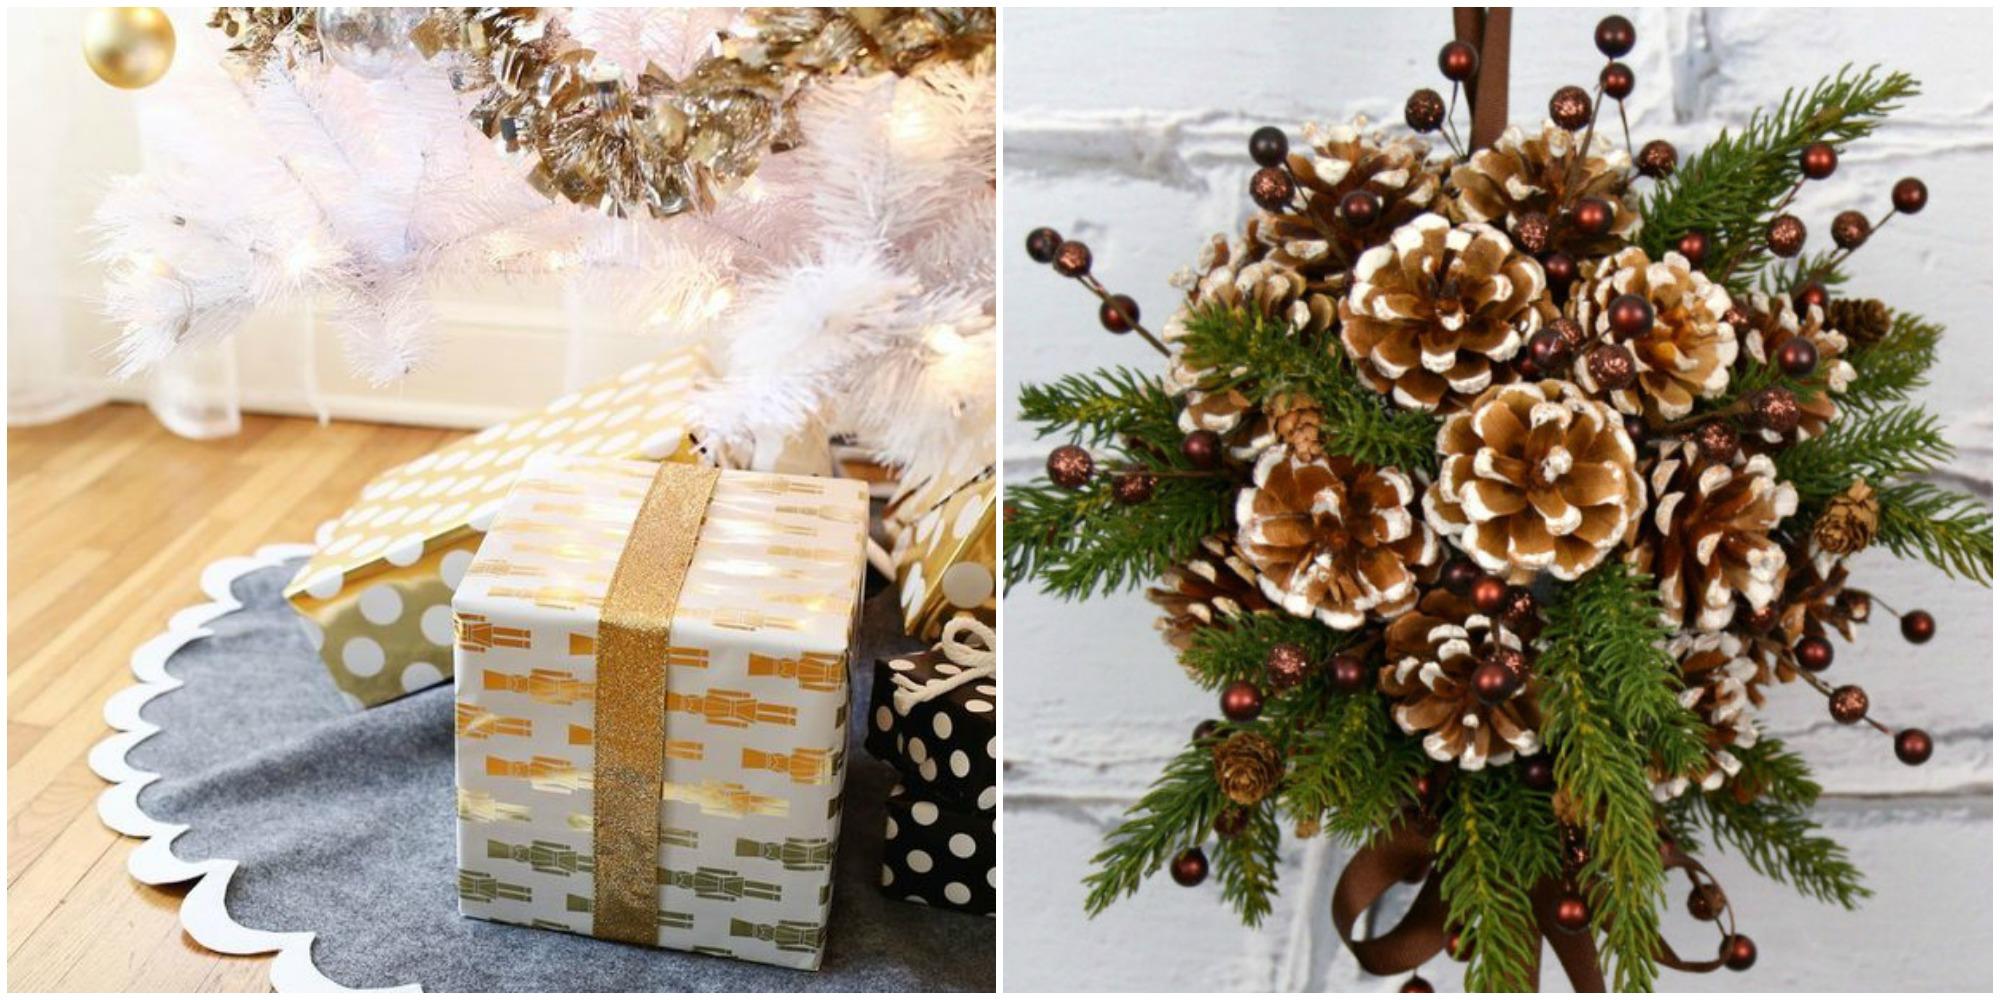 Christmas Tree Ideas Homemade : Easy diy christmas decorations homemade ideas for